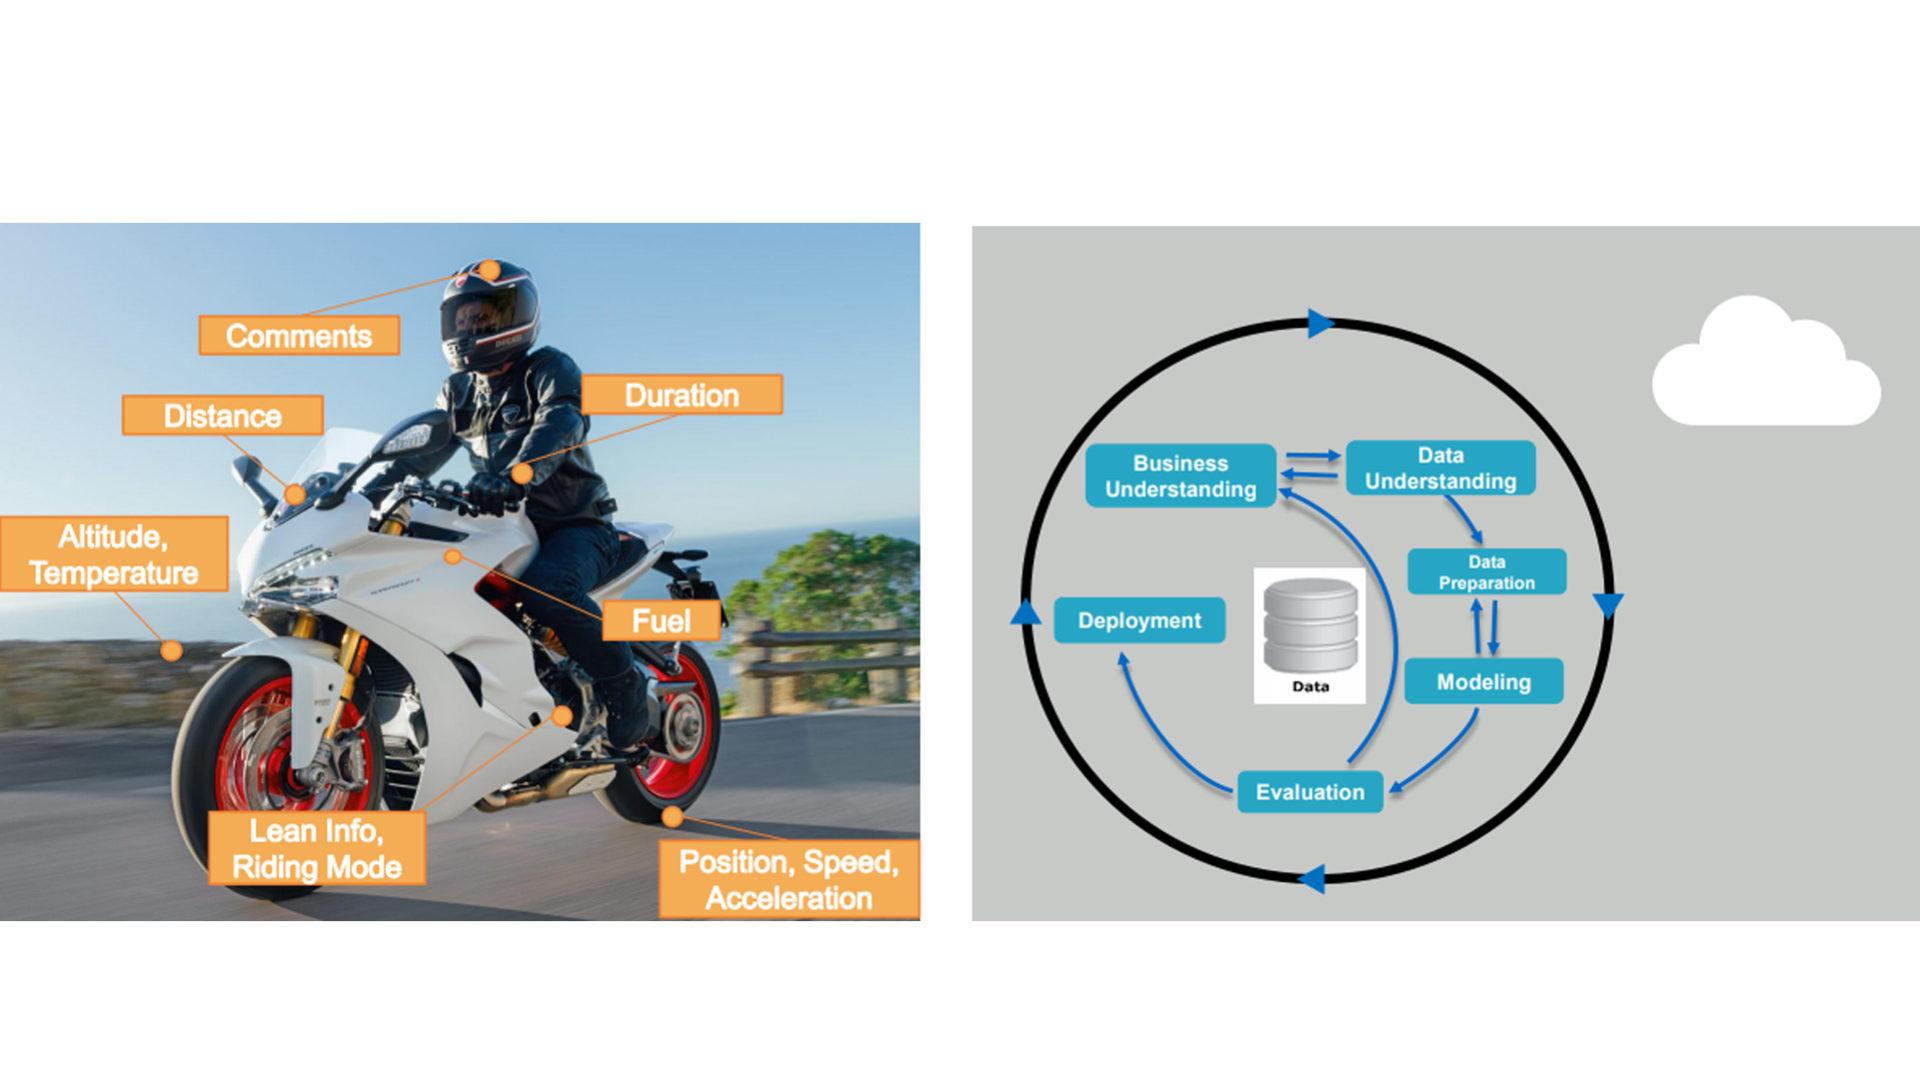 Il progetto di Netapp con Ducati per i digital360 awards 2019